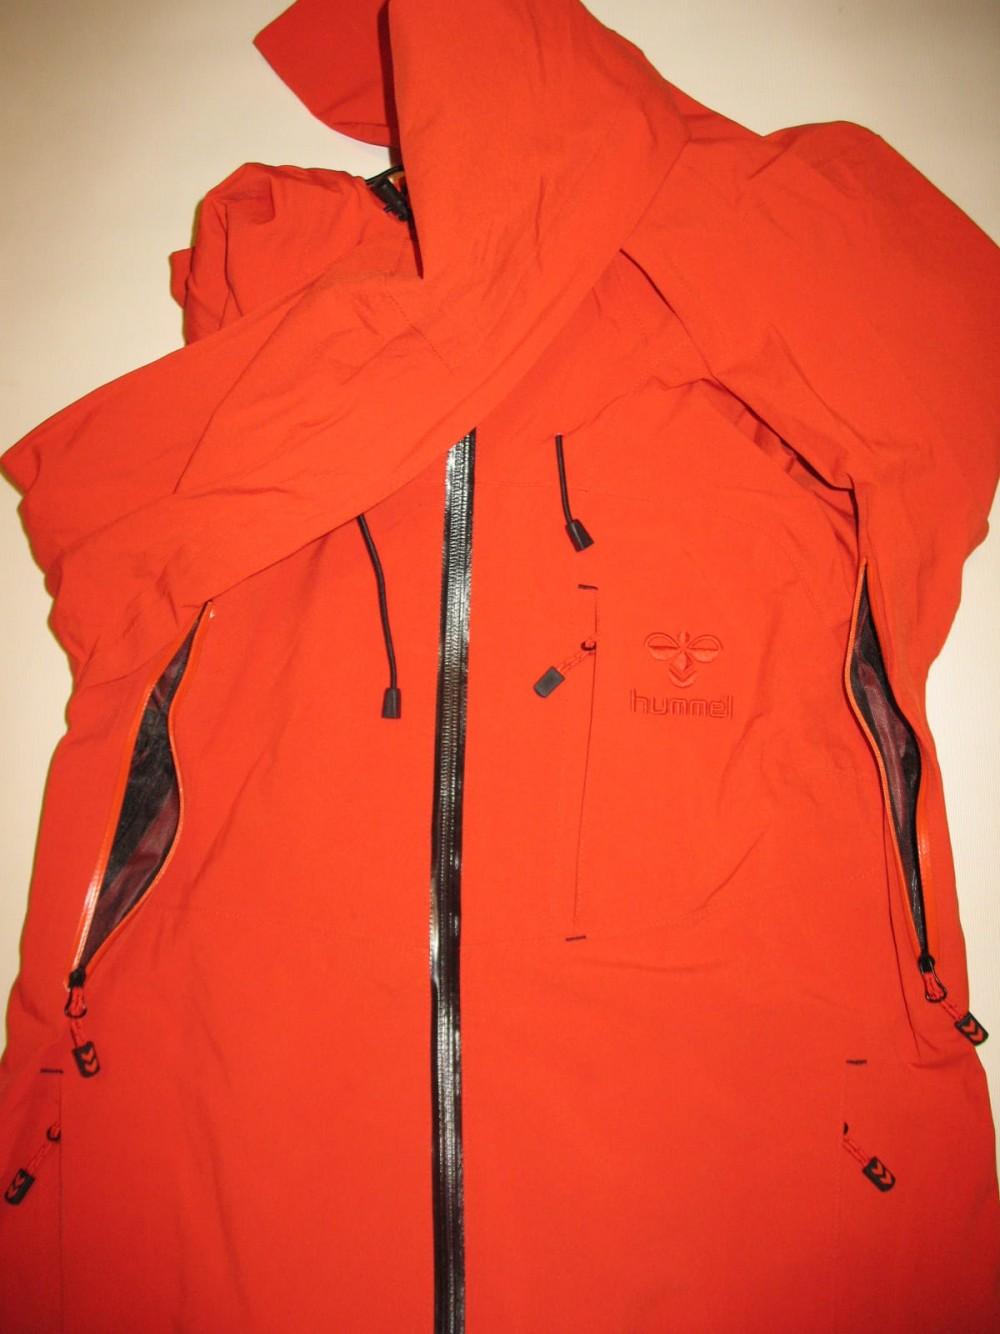 Куртка HUMMEL classic bee 3 layer jacket lady (размер S) - 4